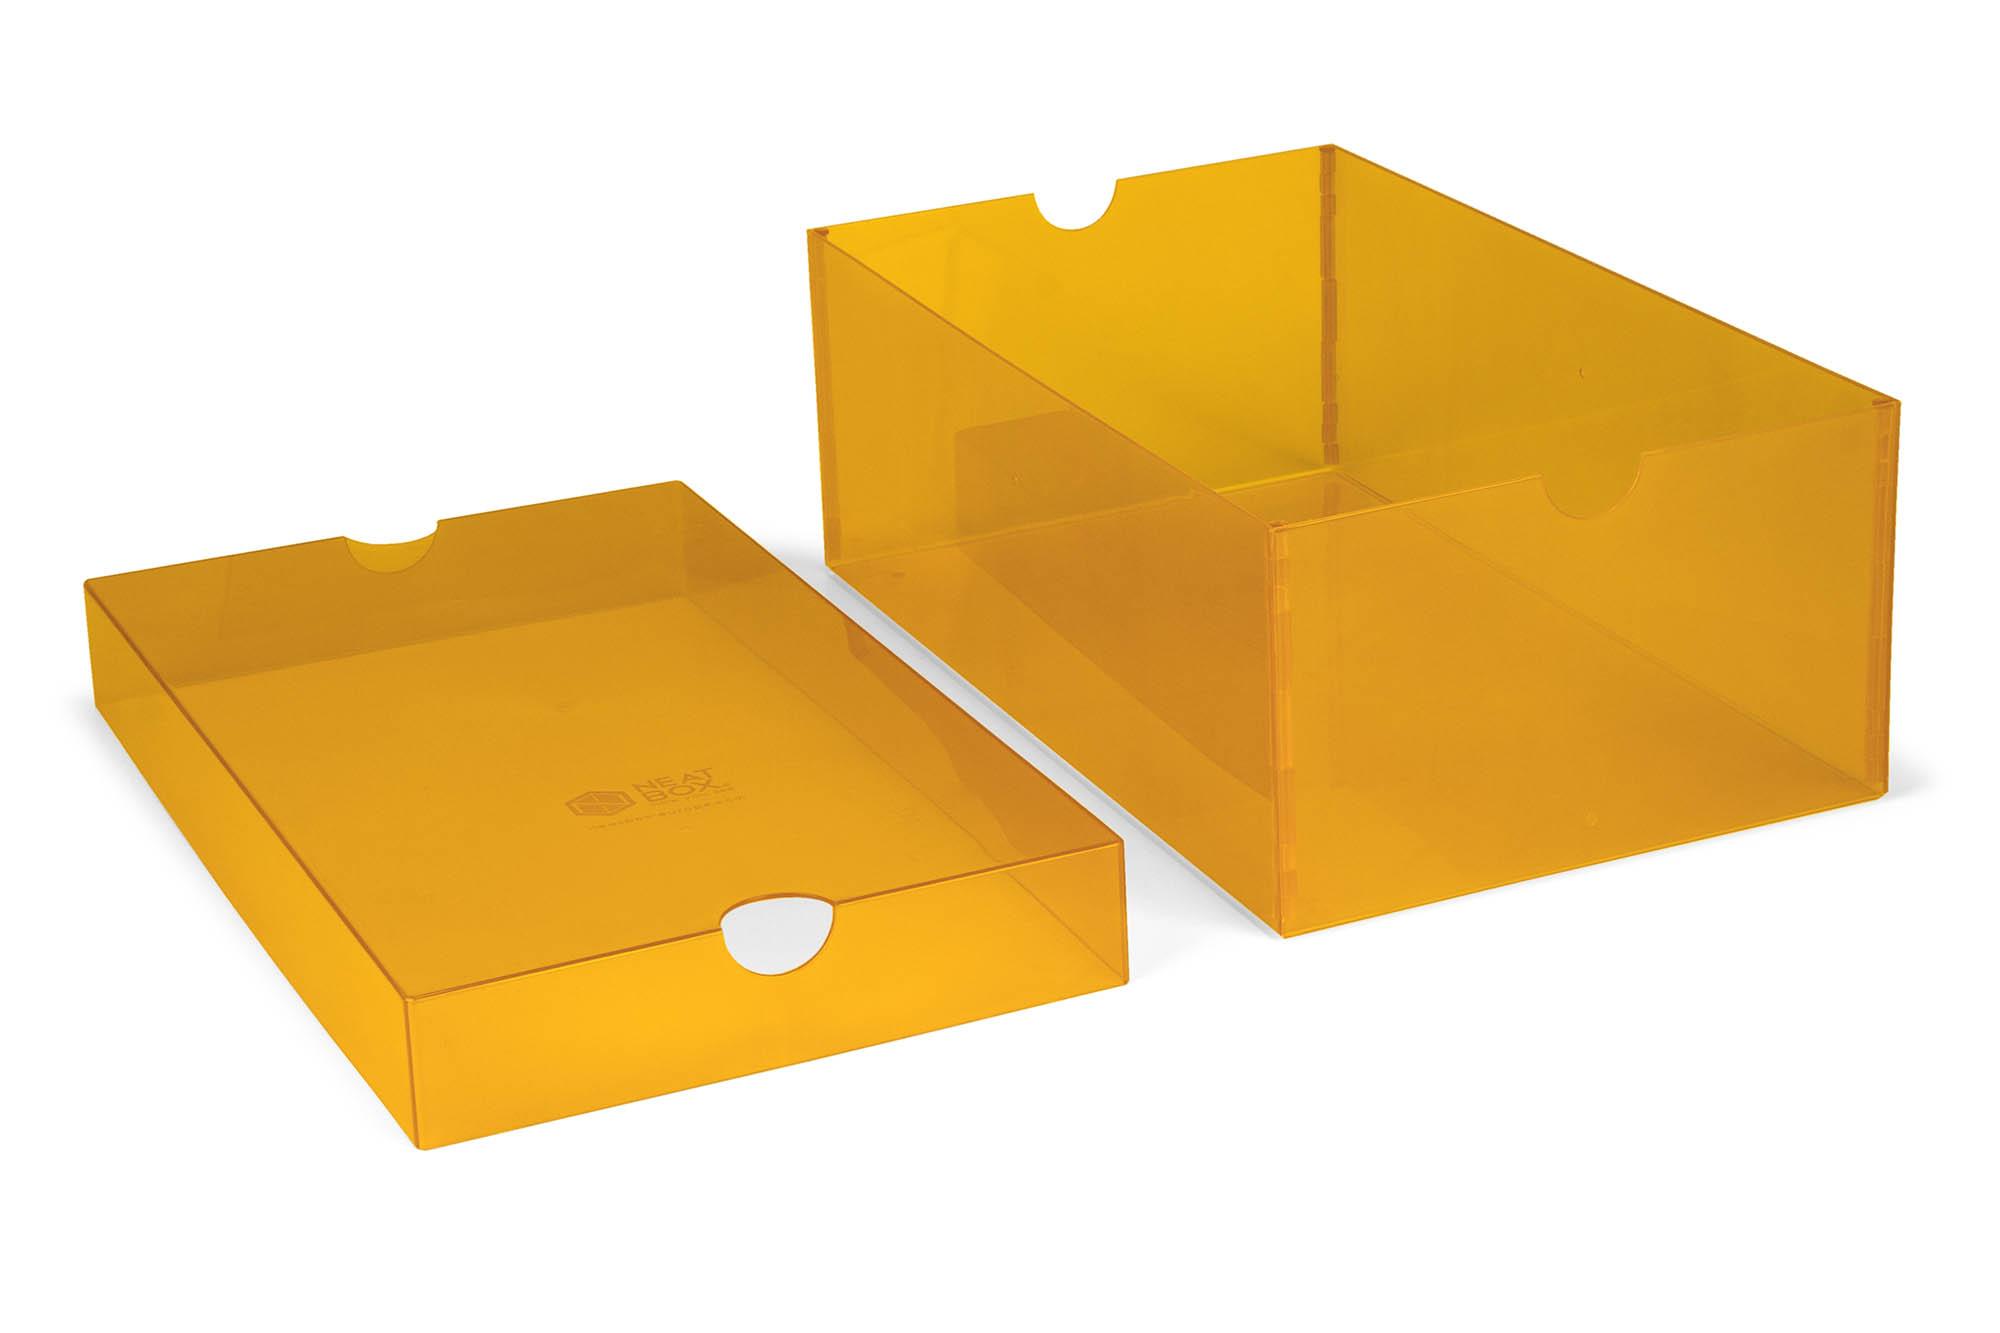 Caixa montada com fundo plano e tampa moldada